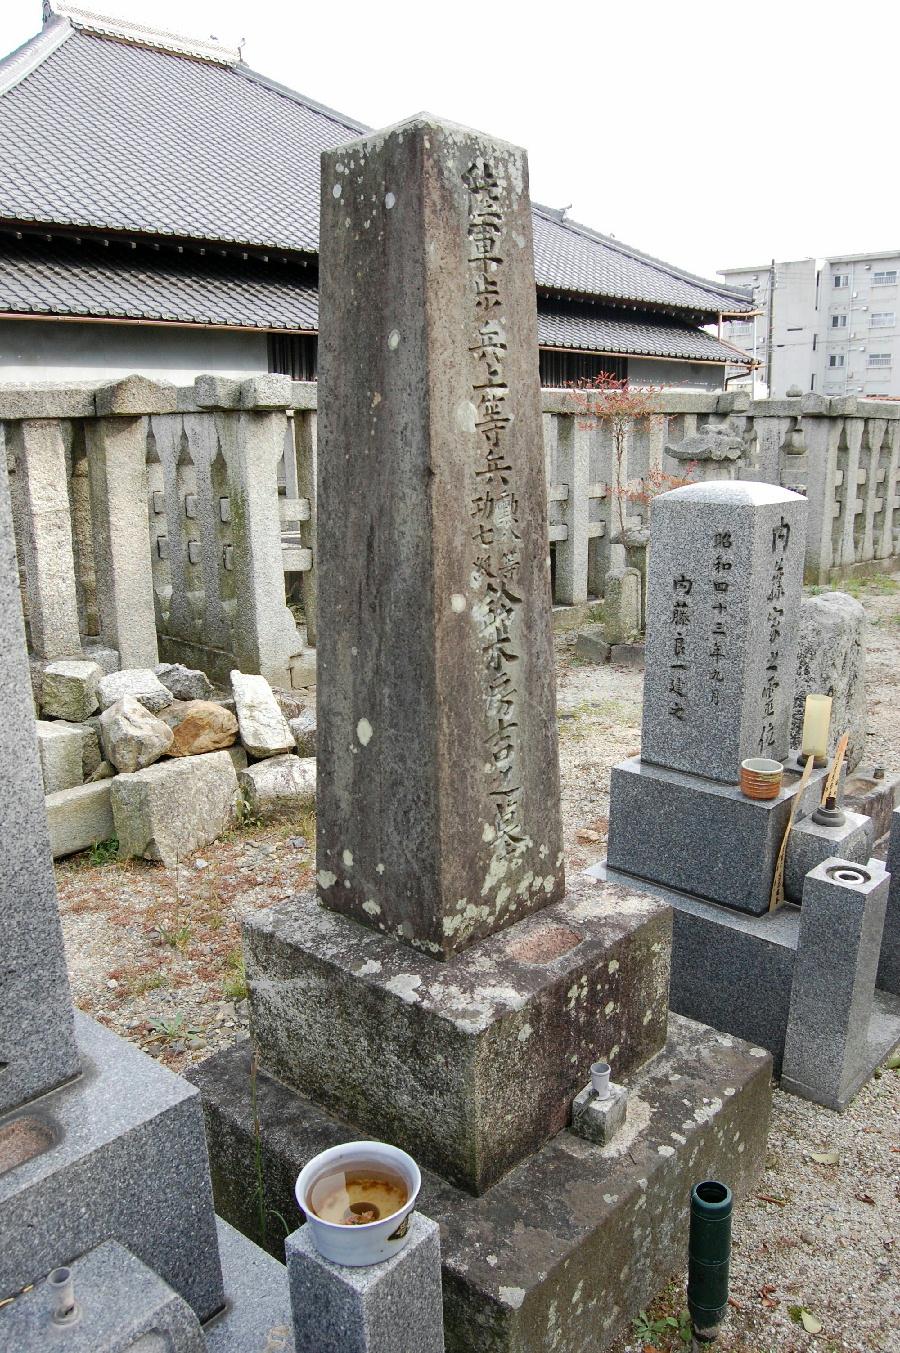 奉天会戦で戦死した陸軍歩兵上等兵の墓石